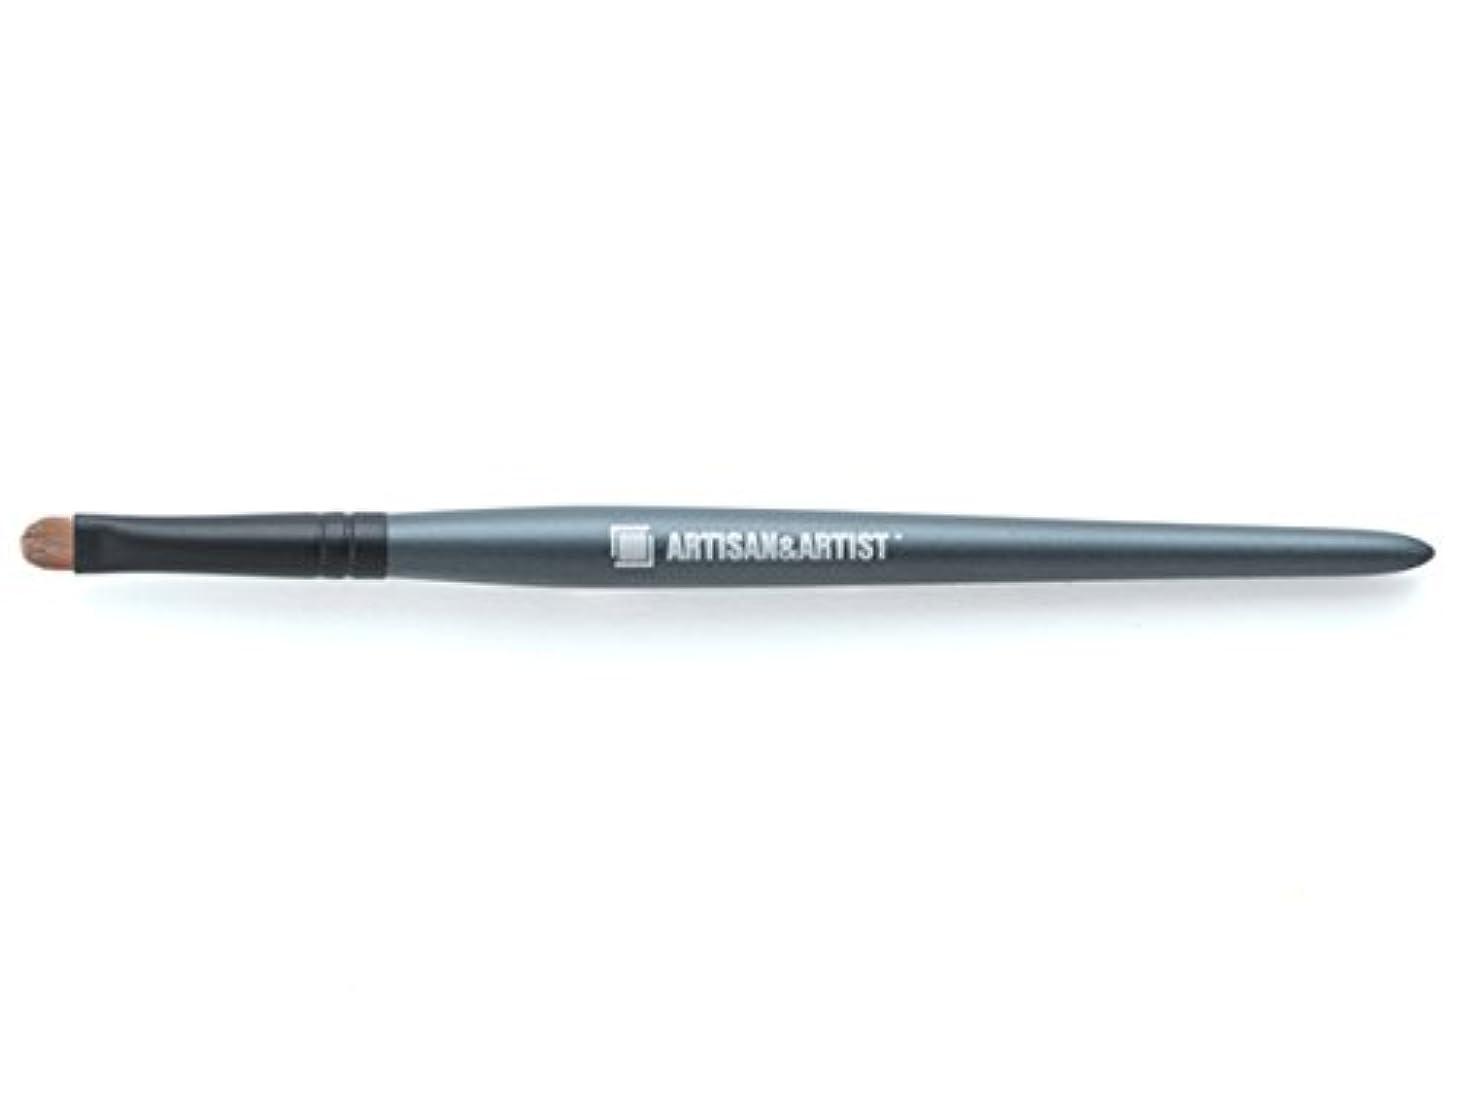 サワーすごいデッキ[アルティザン&アーティスト] 熊野筆 アイラインブラシ 7WM-PF08 グレー